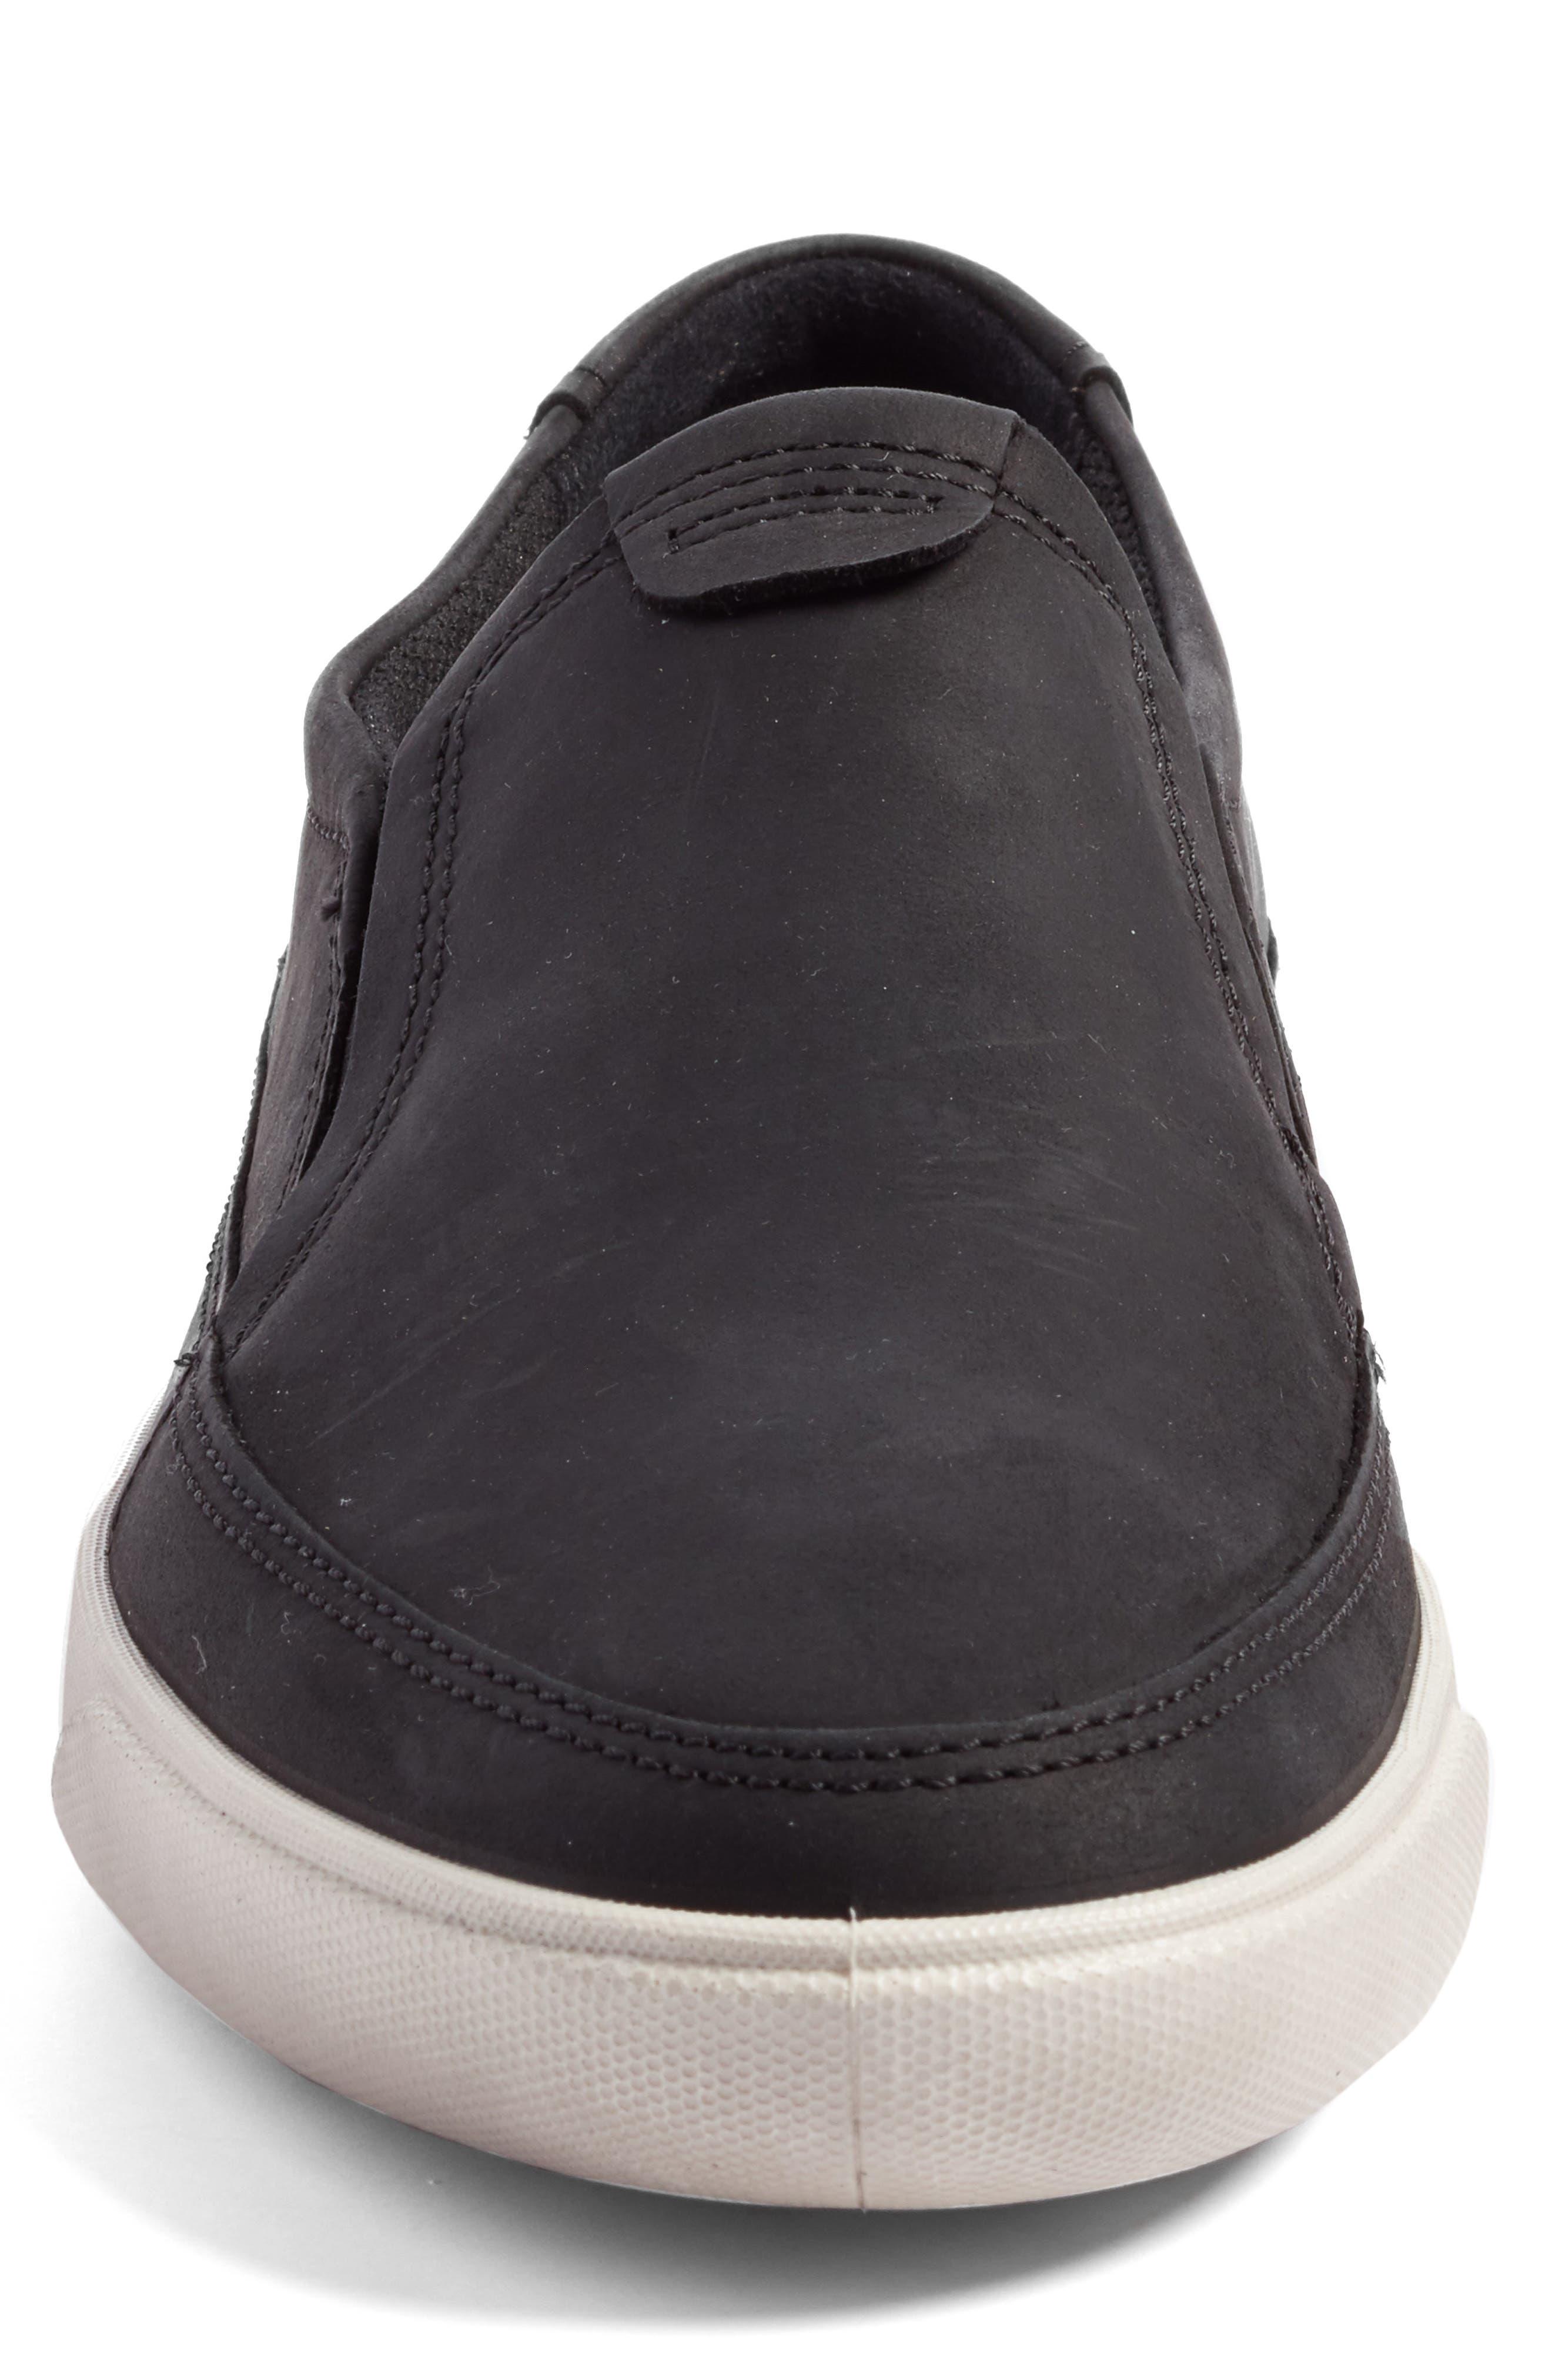 'Gary' Slip-On,                             Alternate thumbnail 4, color,                             Black Leather